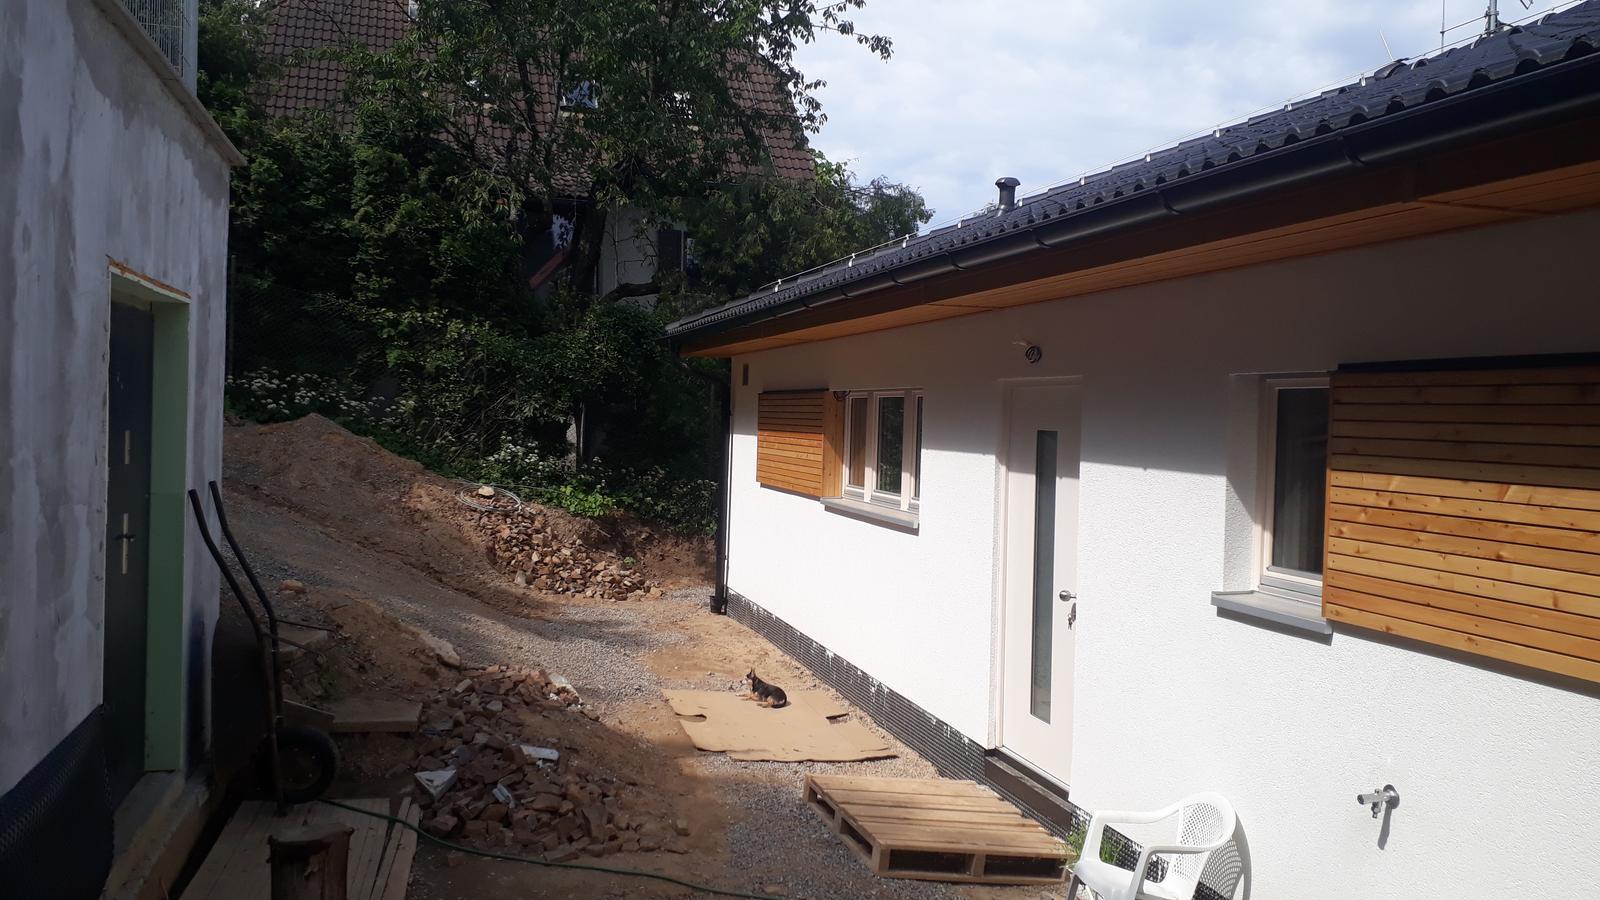 Stavba našeho bungalovu ve svahu - Obrázek č. 49